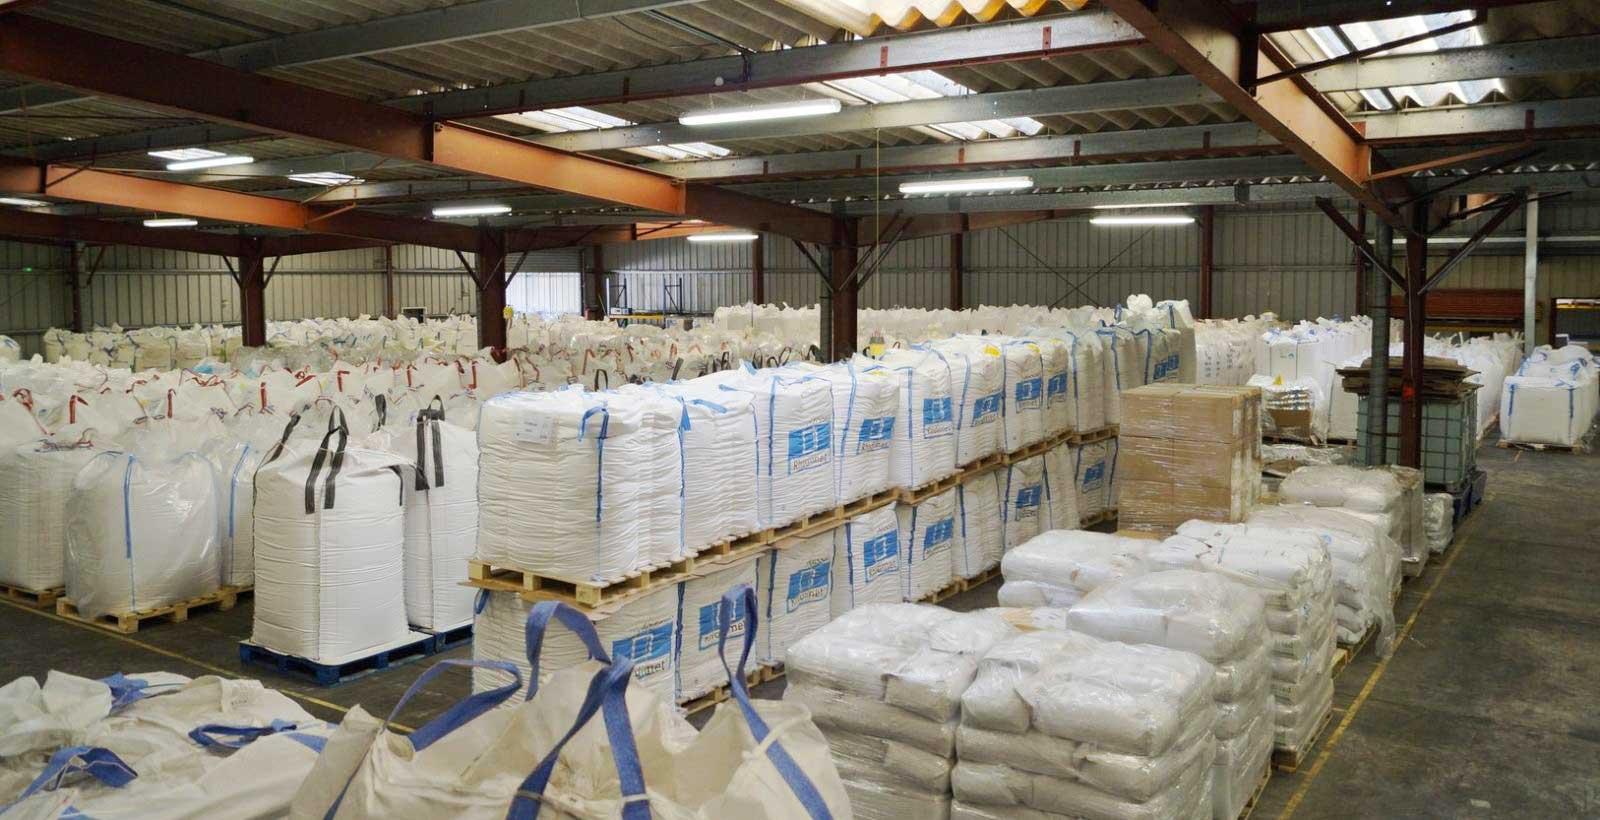 Stockage et livraison de matières premières SOTRAB à Montpellier